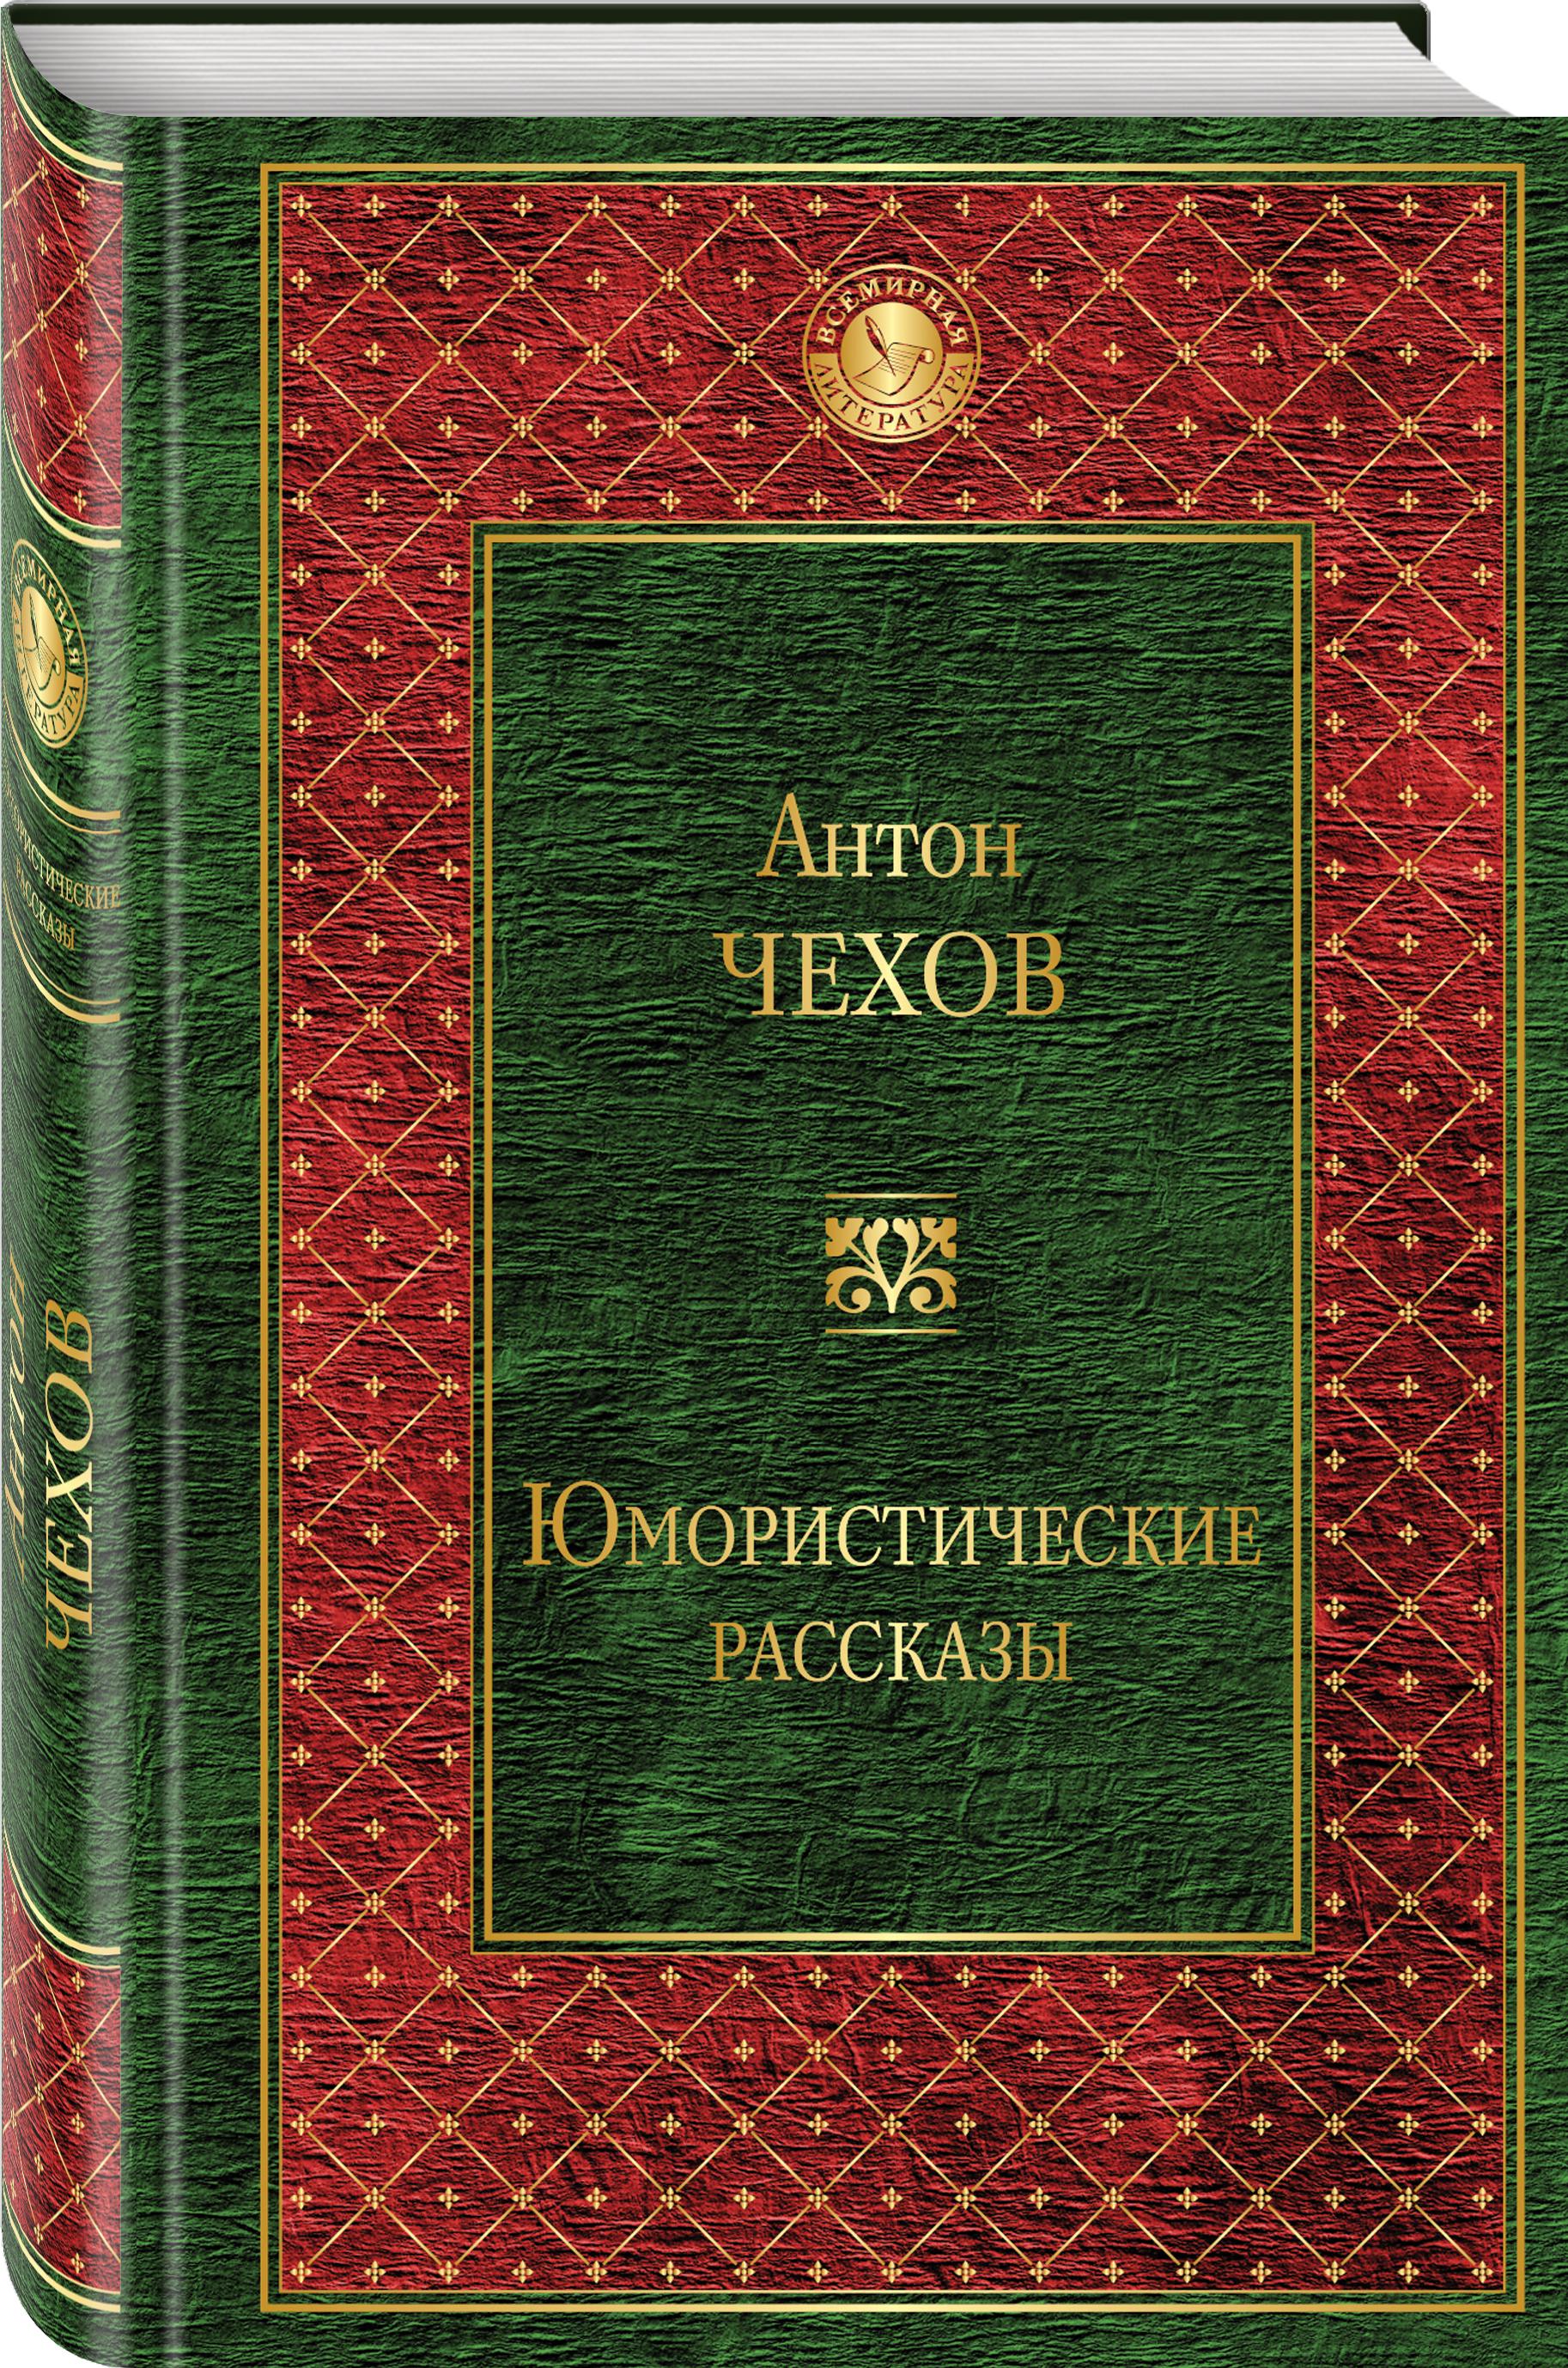 Антон Чехов Юмористические рассказы аудиокнига шб чехов рассказы